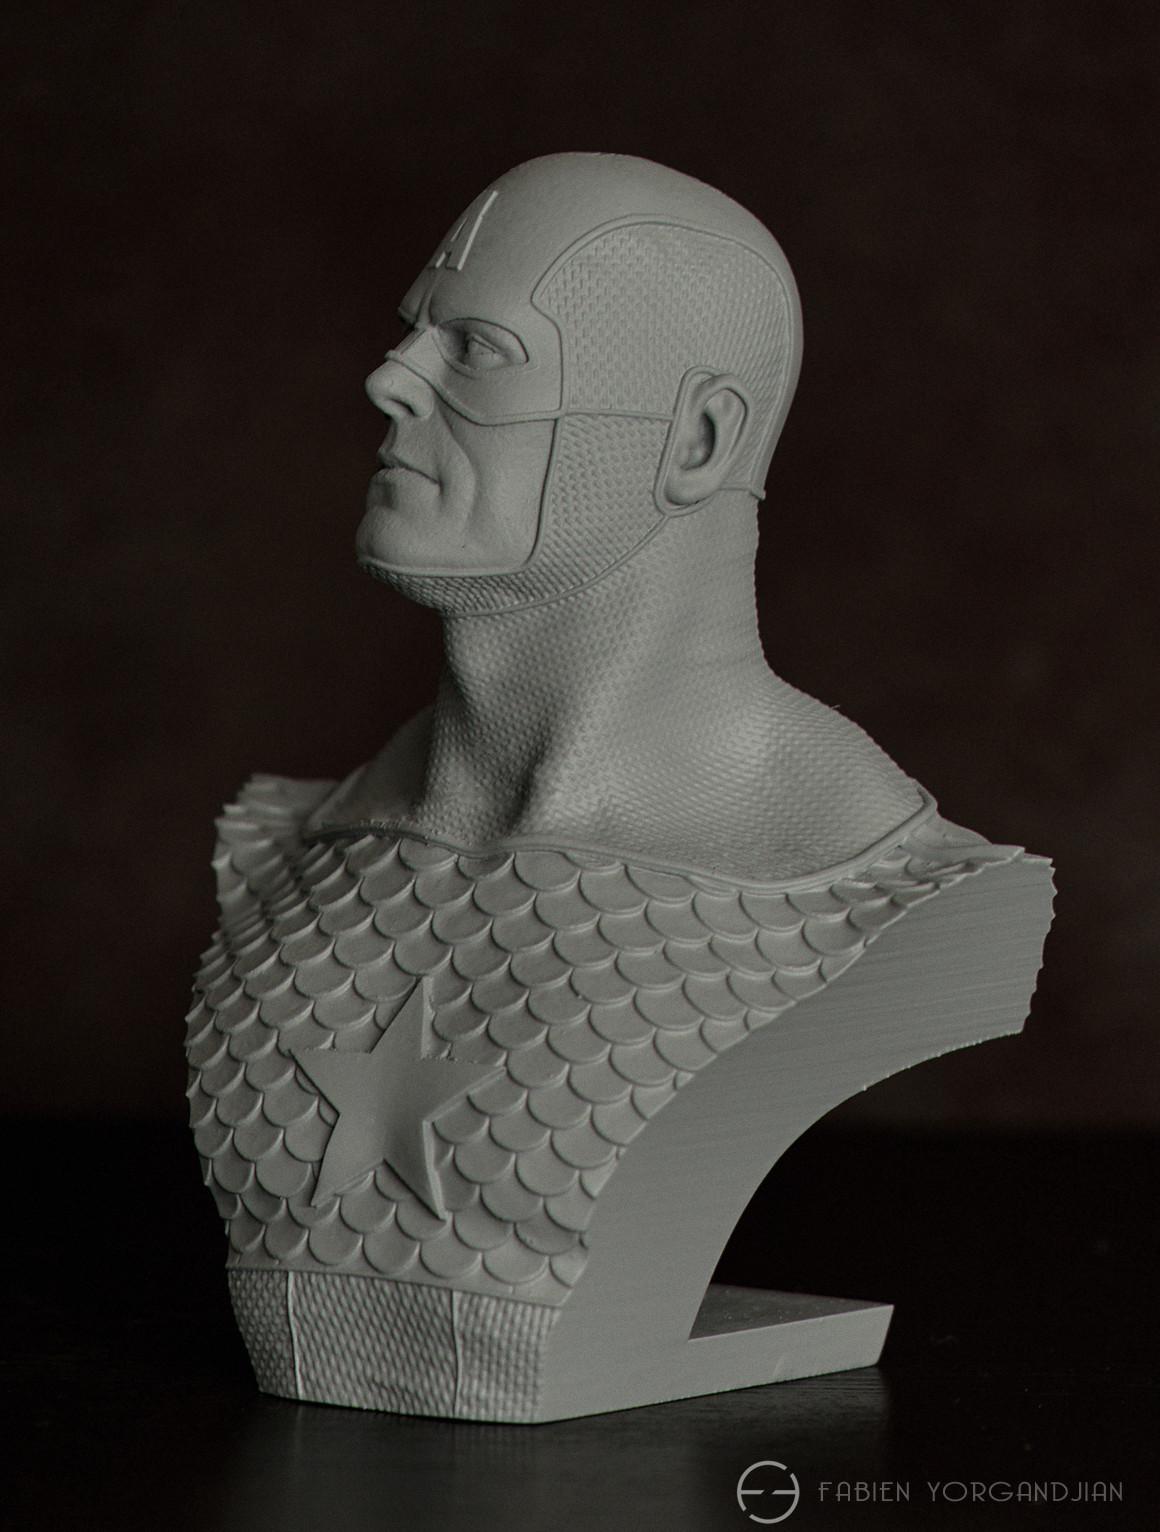 Fabien yorgandjian caps print 02